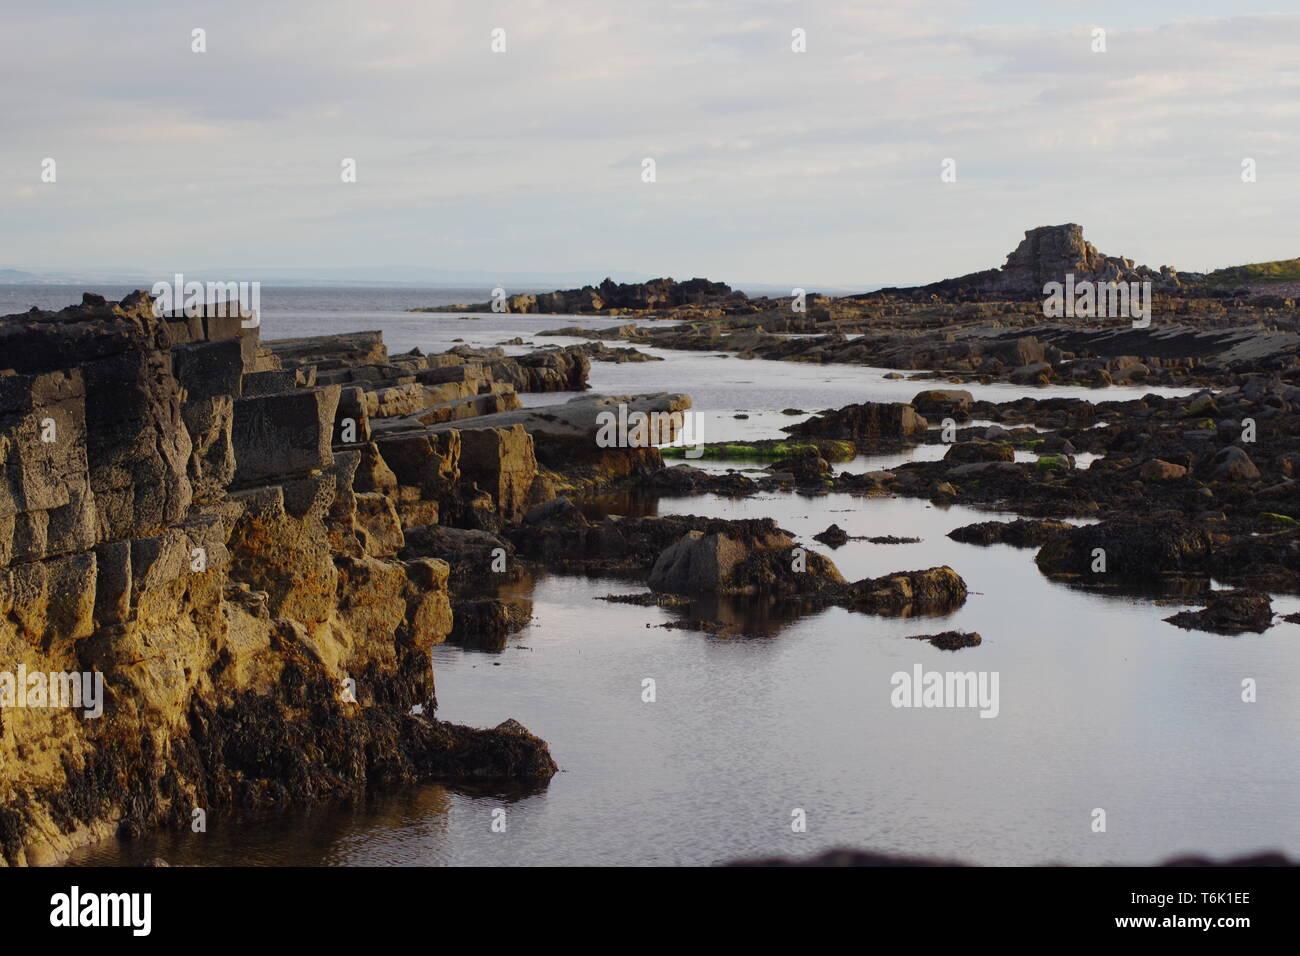 Carboniferous Sandstone Exposed along the Fife Coast. Scotland, UK. Stock Photo